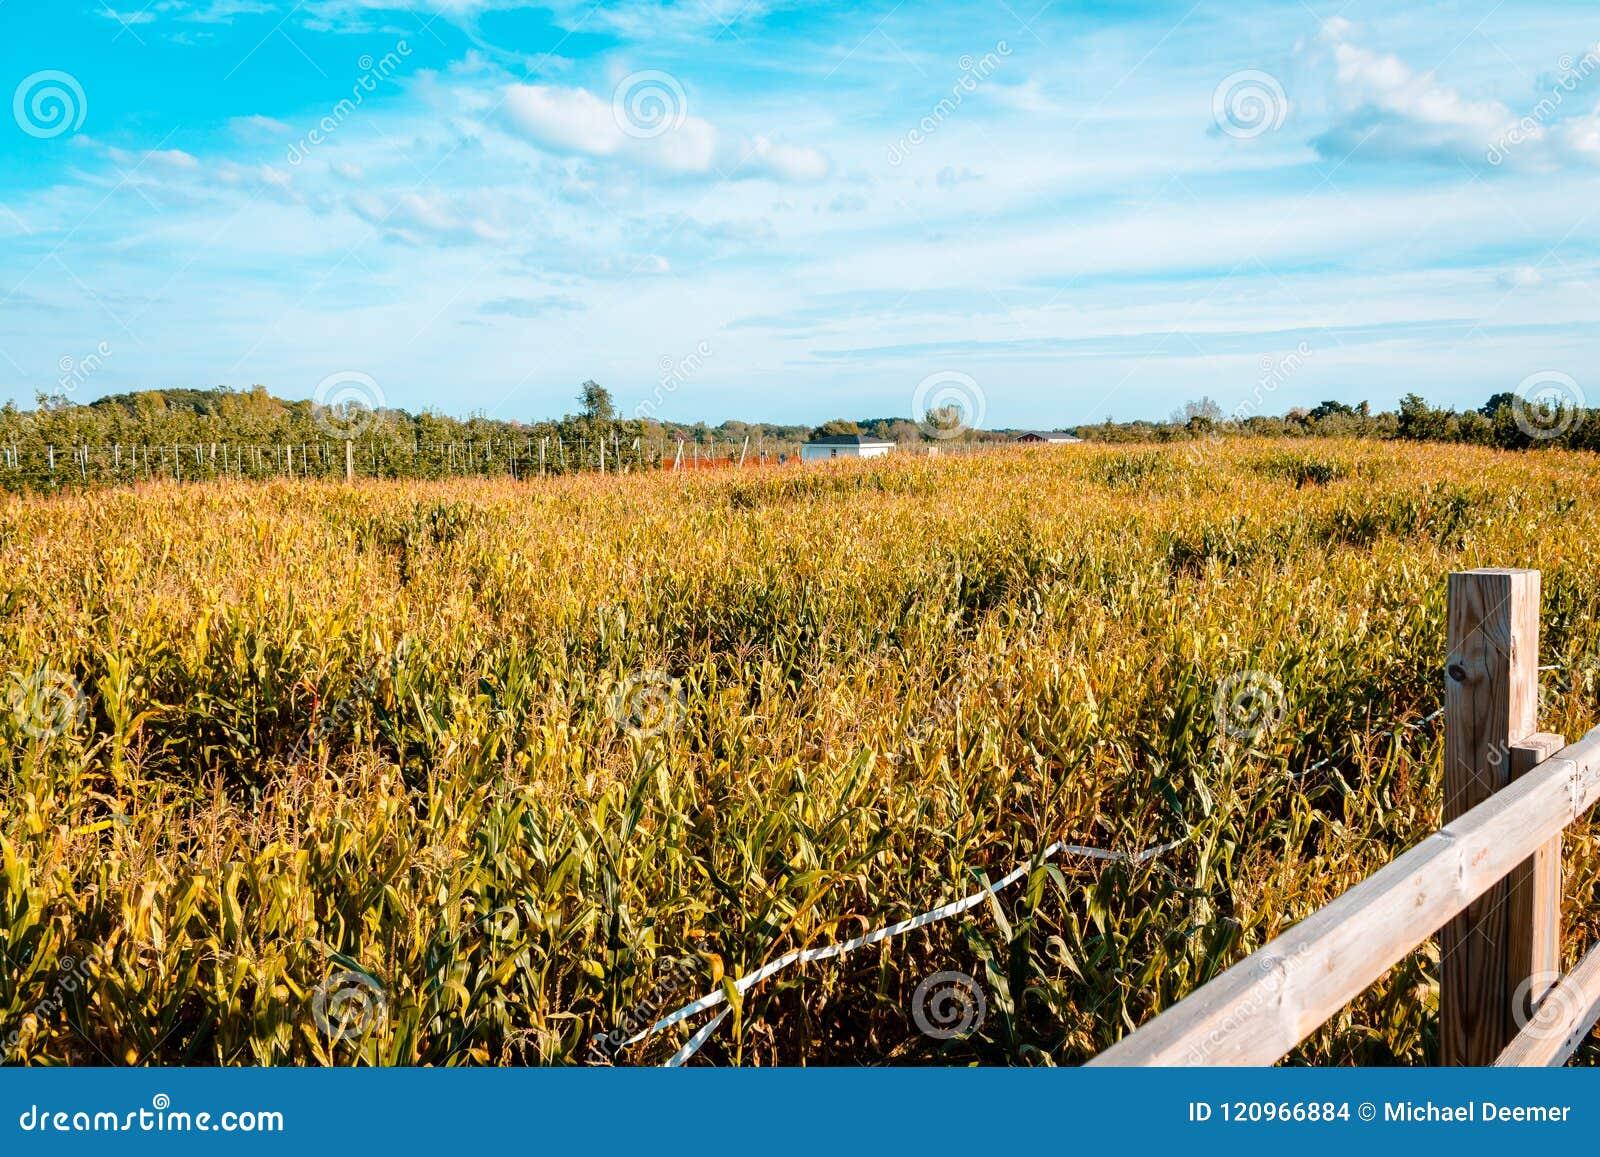 Dem Obstgarten von einem Maislabyrinth mitten in dem Bauernhof zurück betrachten